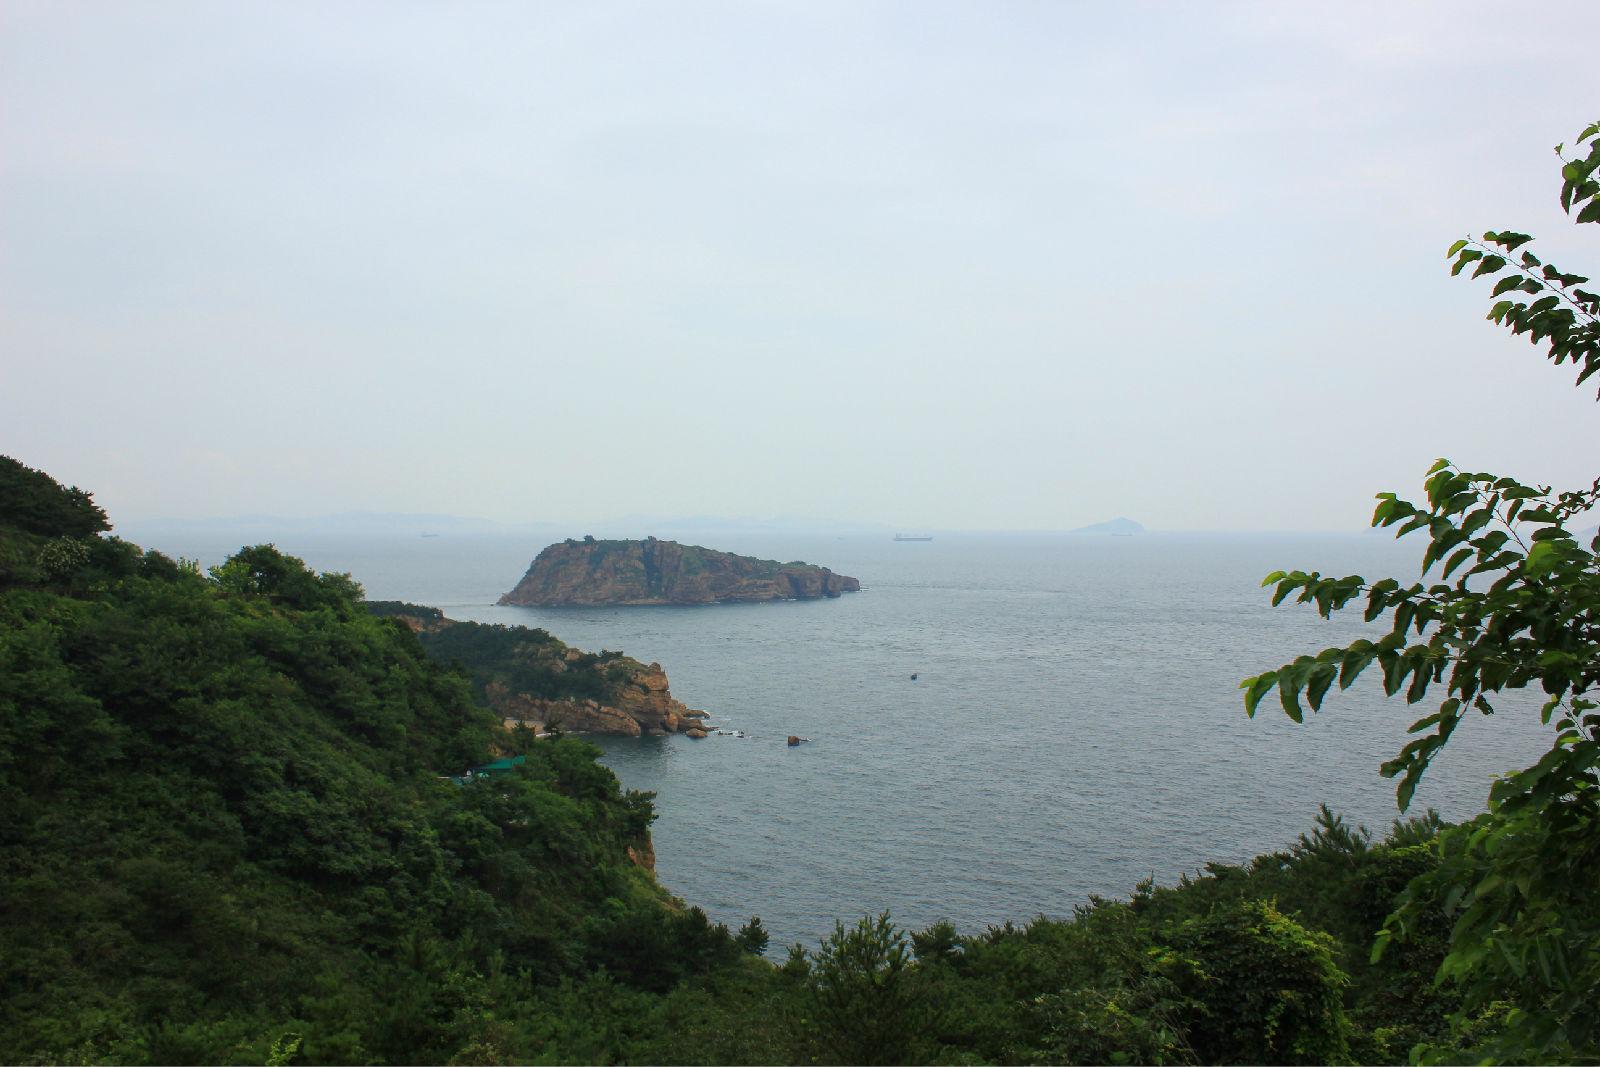 除了大连棒棰岛,小青岛,风景好美的景点还有这些呢